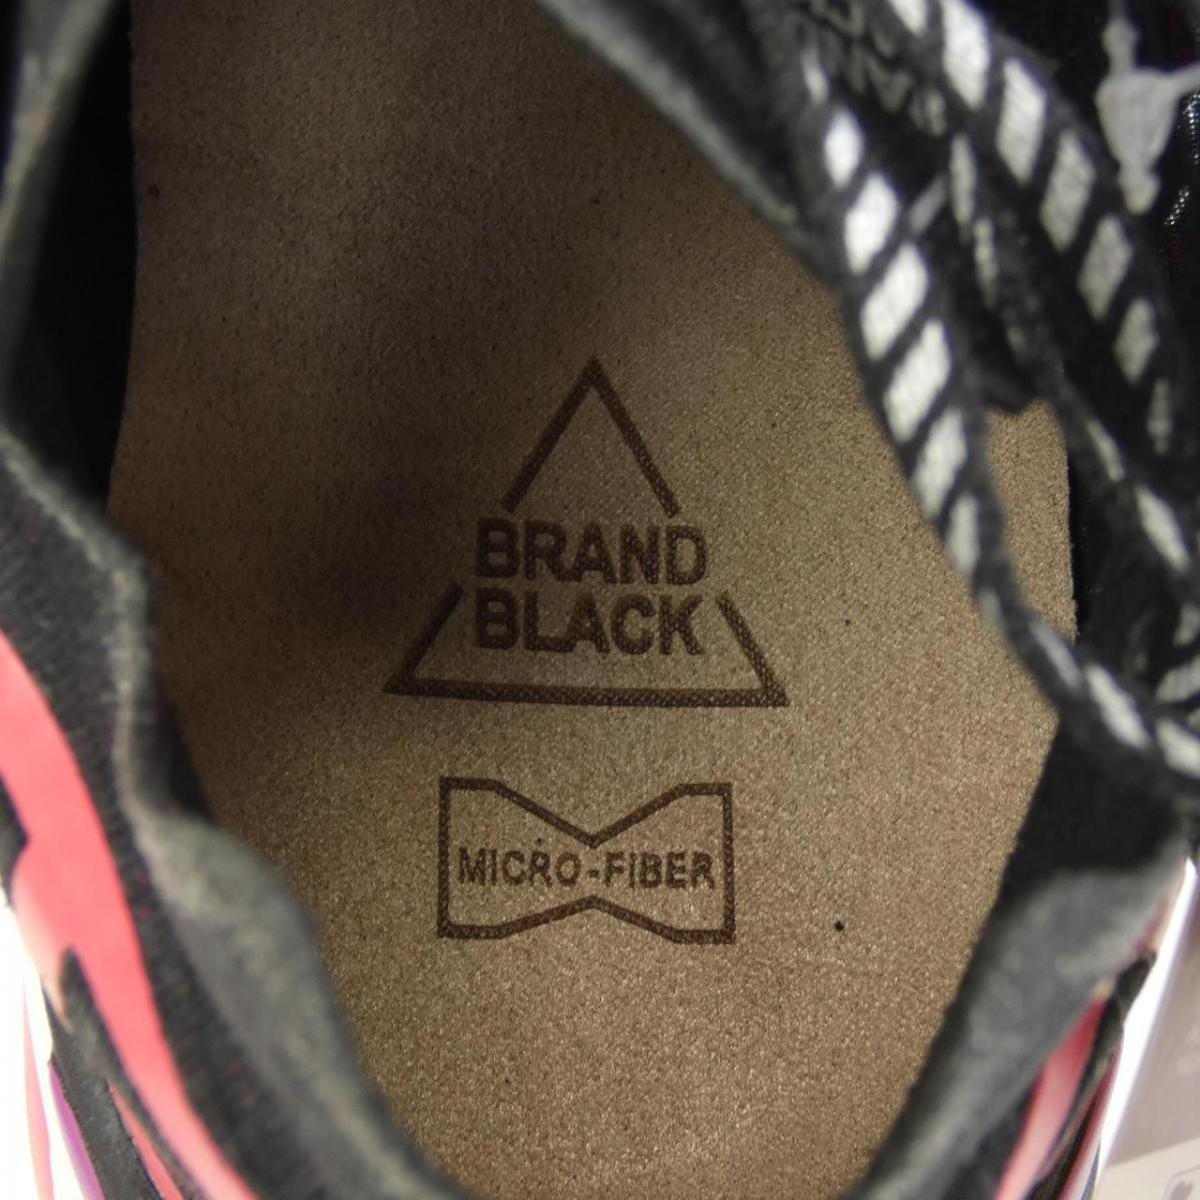 新品 ブランドブラック BRAND BLACK スニーカー 新品XuwTOPkZli